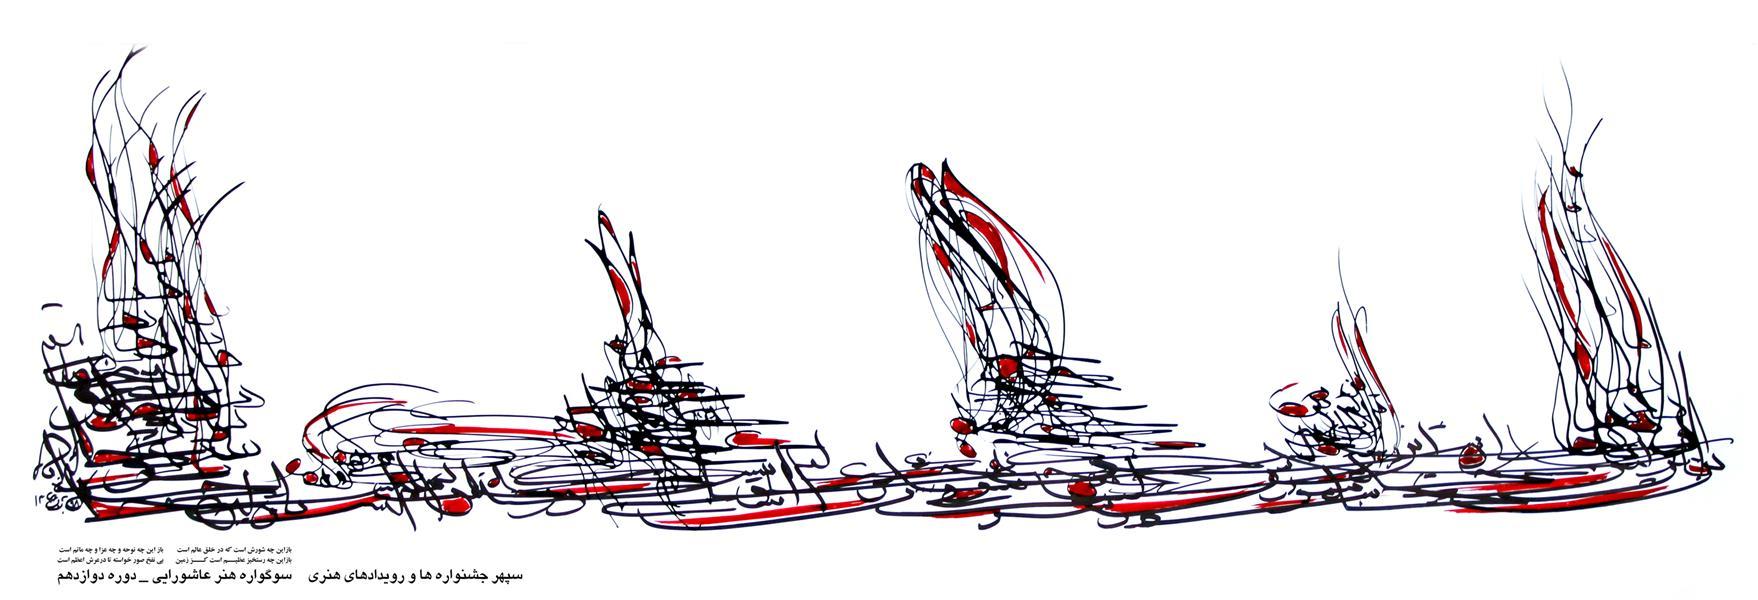 هنر خوشنویسی محفل خوشنویسی حبیب اله برزجان 35×100 بر روی کاغذ - باز این چه شورش است ....# کالیگرافی #